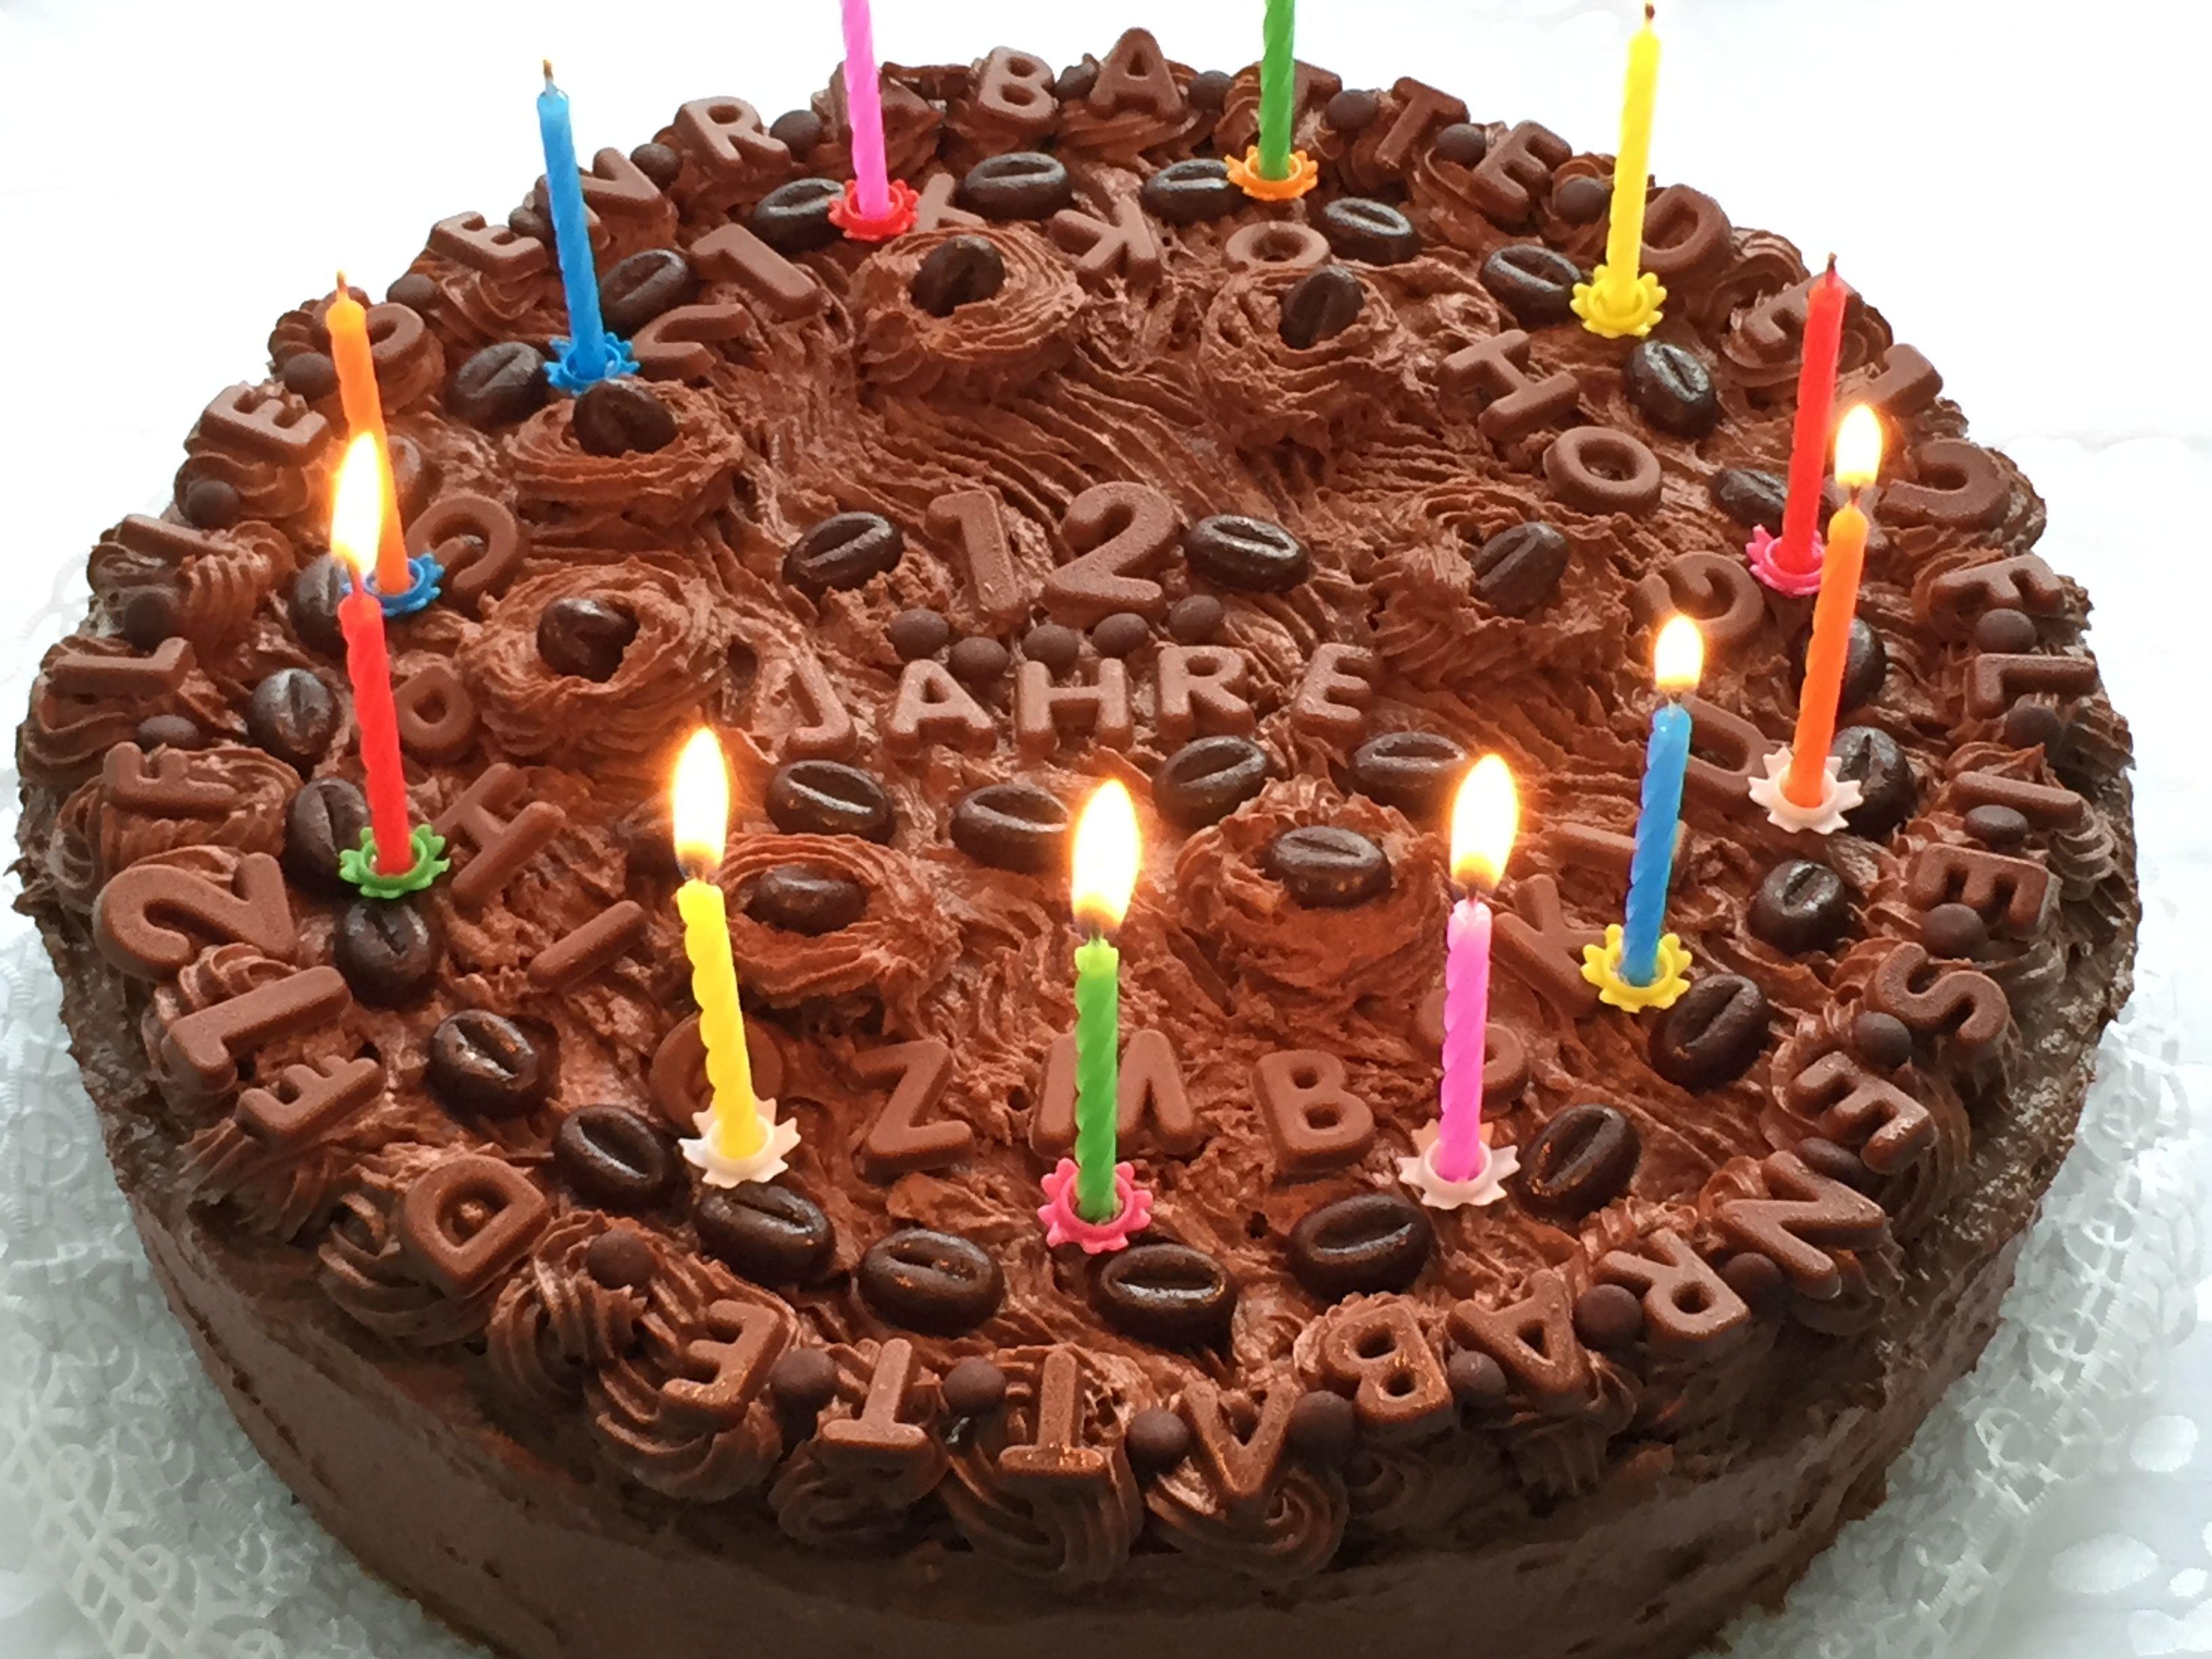 12 Jahre Fliesenrabatte De Eine Selbstgemachte Torte Mit 12 Kerzen